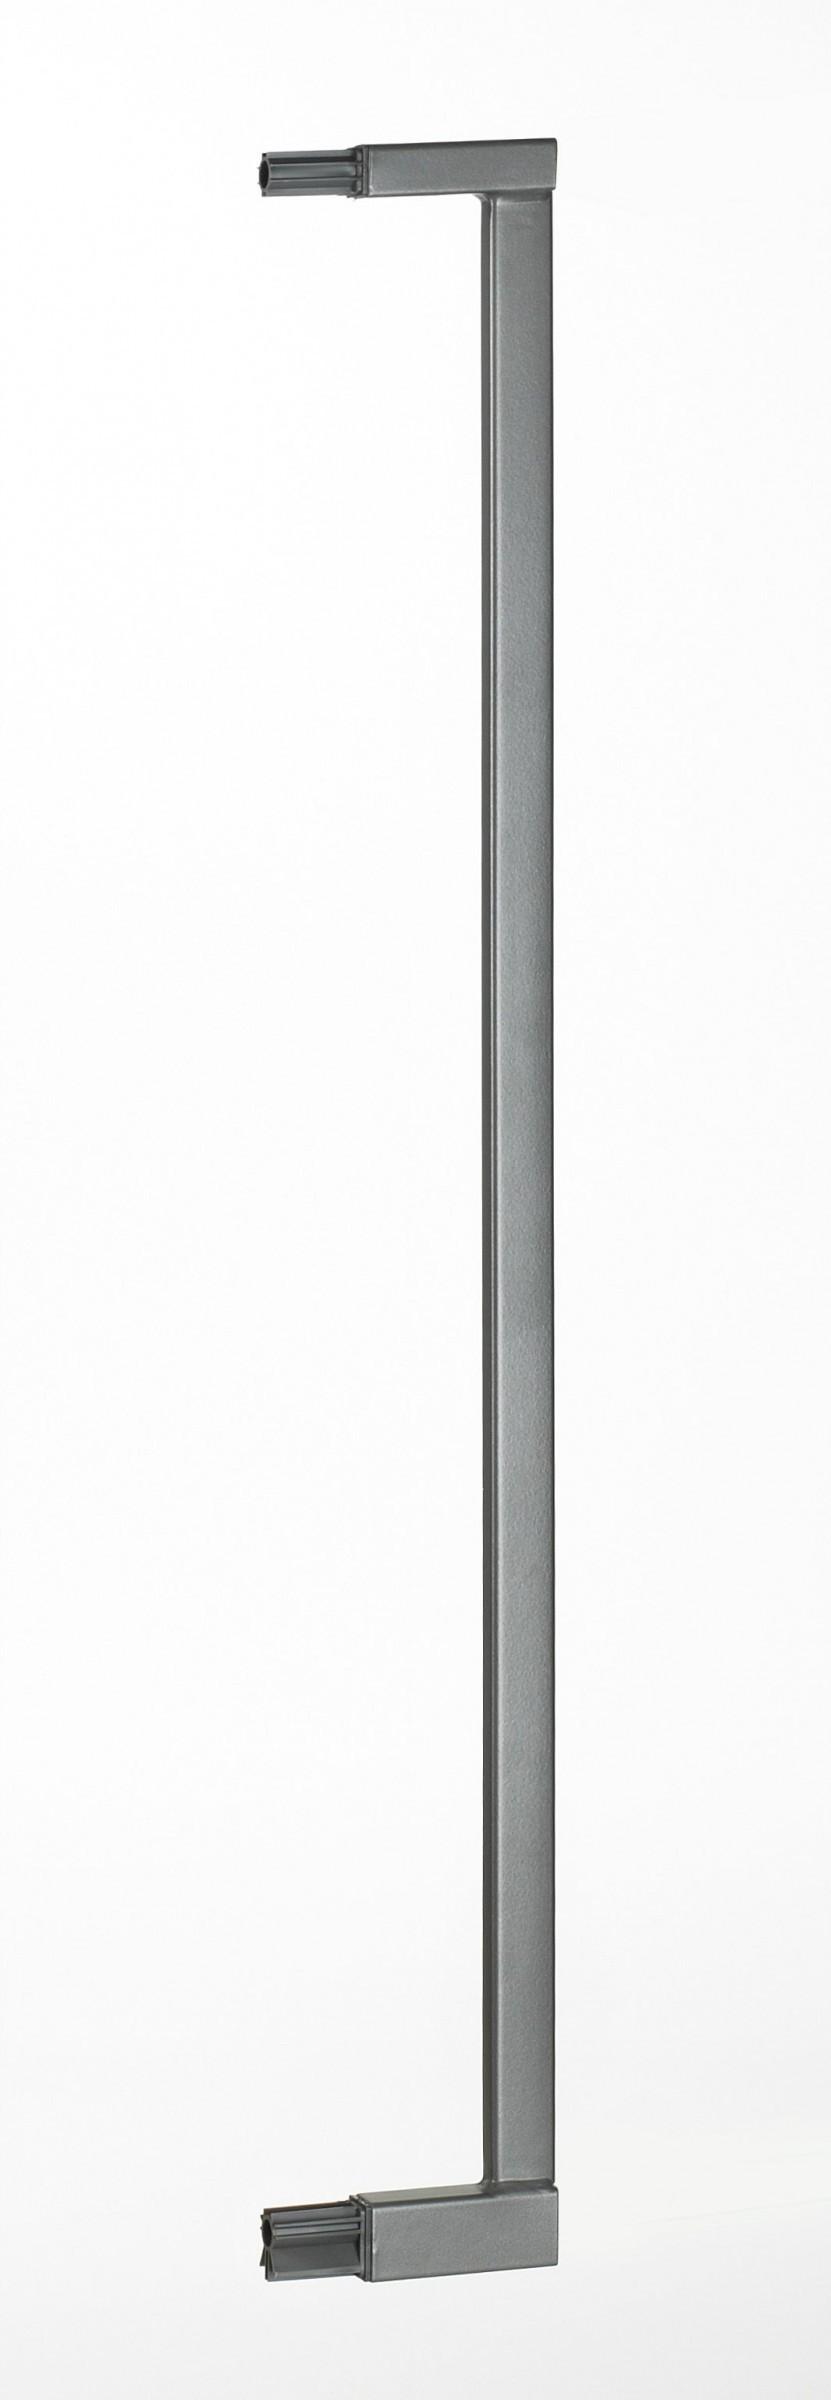 Geuther Verlängerung für Easy Lock/EL Wood 8 cm silber 0091VS